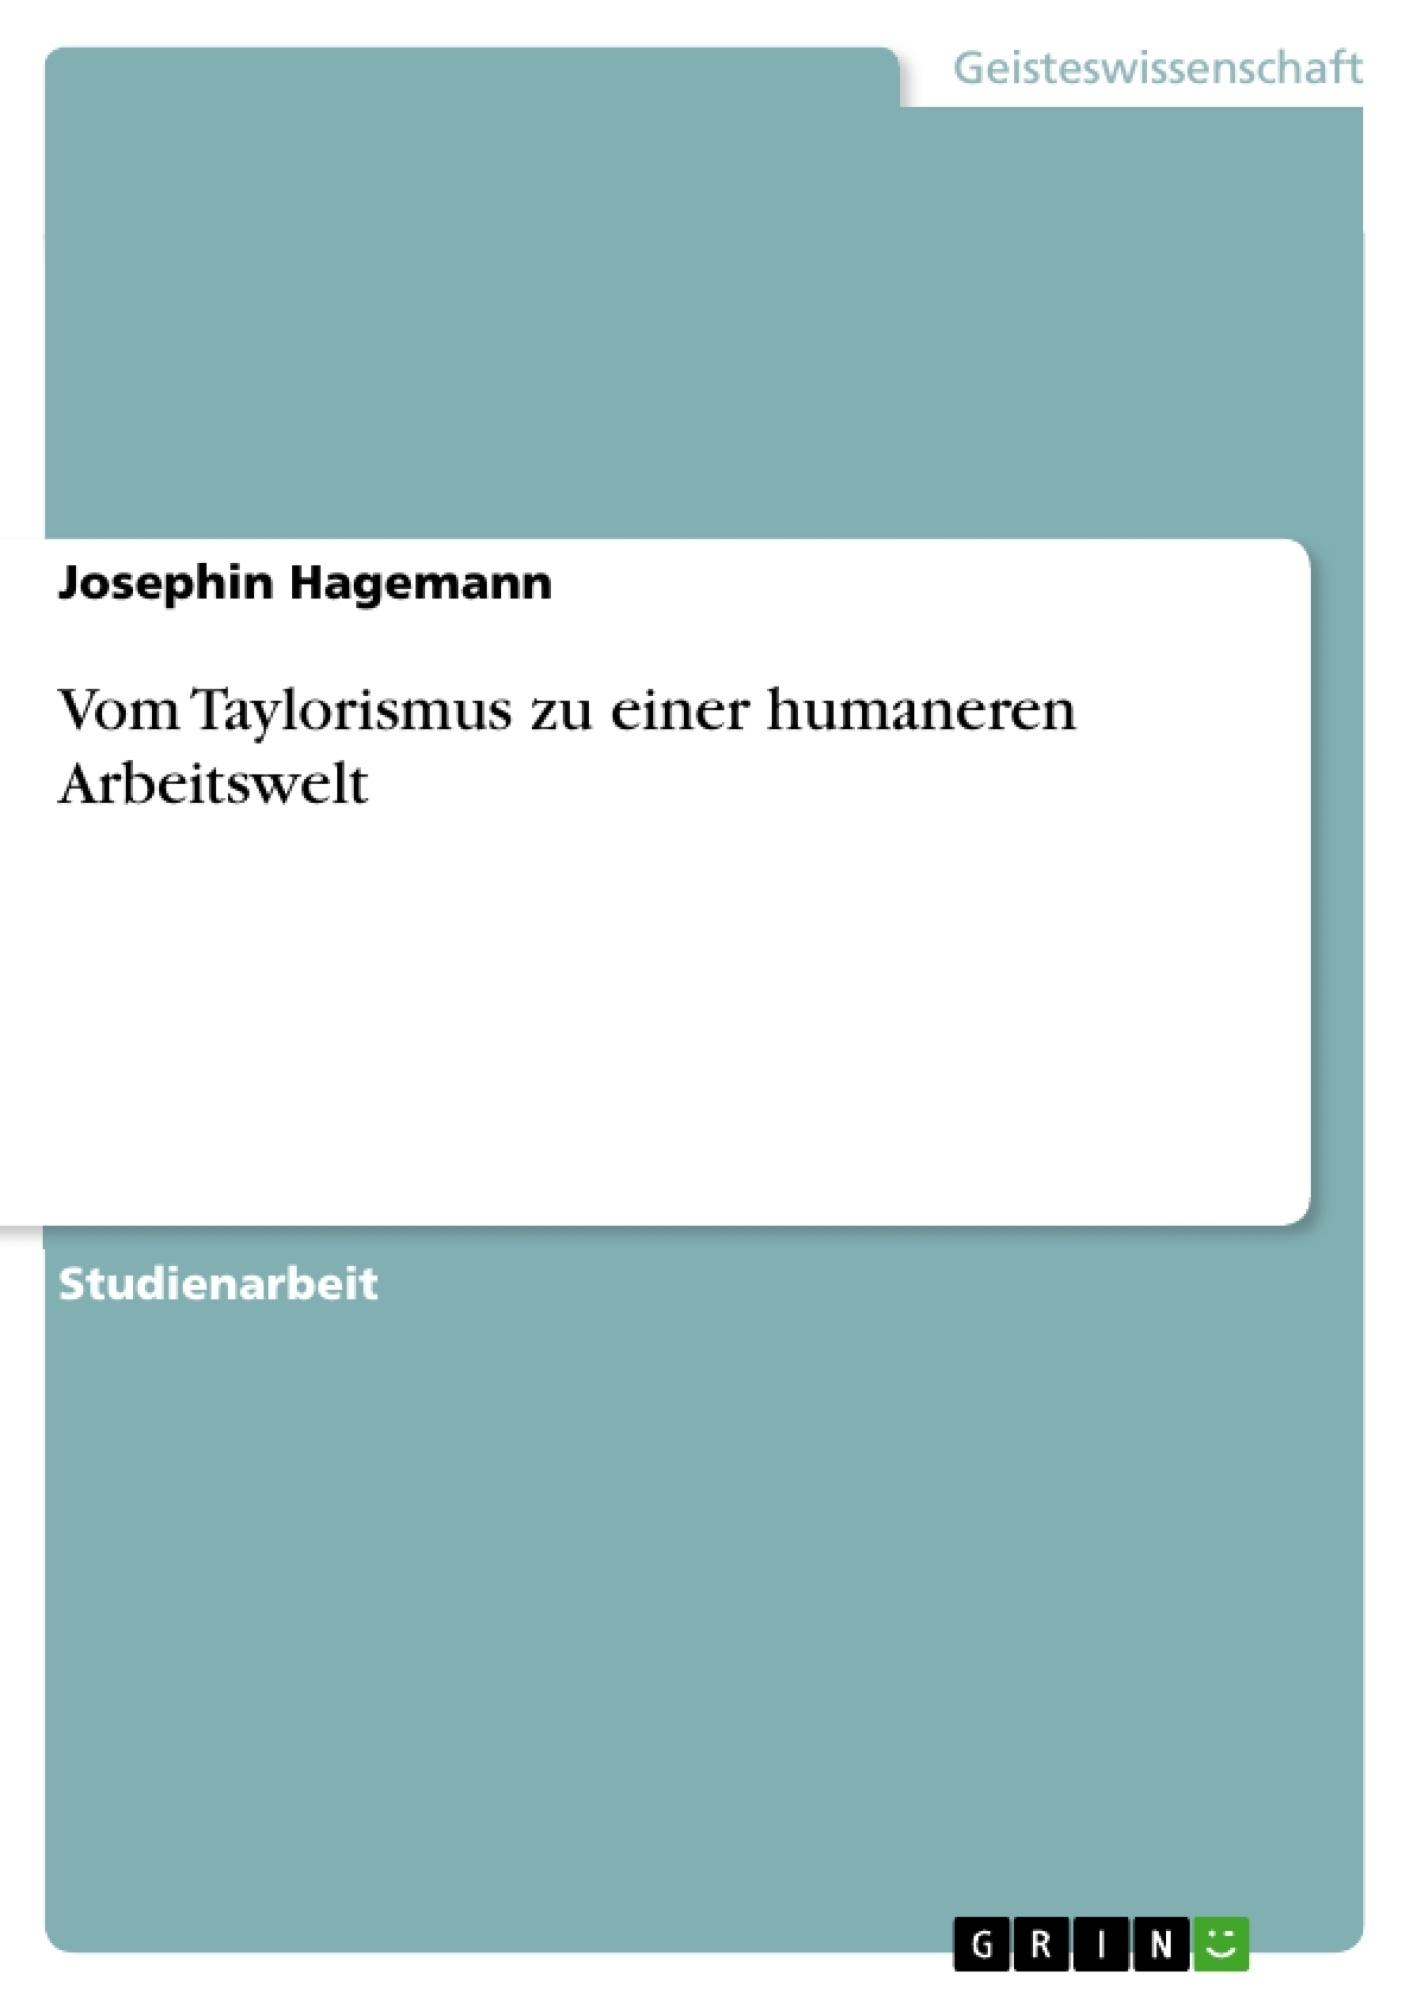 Titel: Vom Taylorismus zu einer humaneren Arbeitswelt